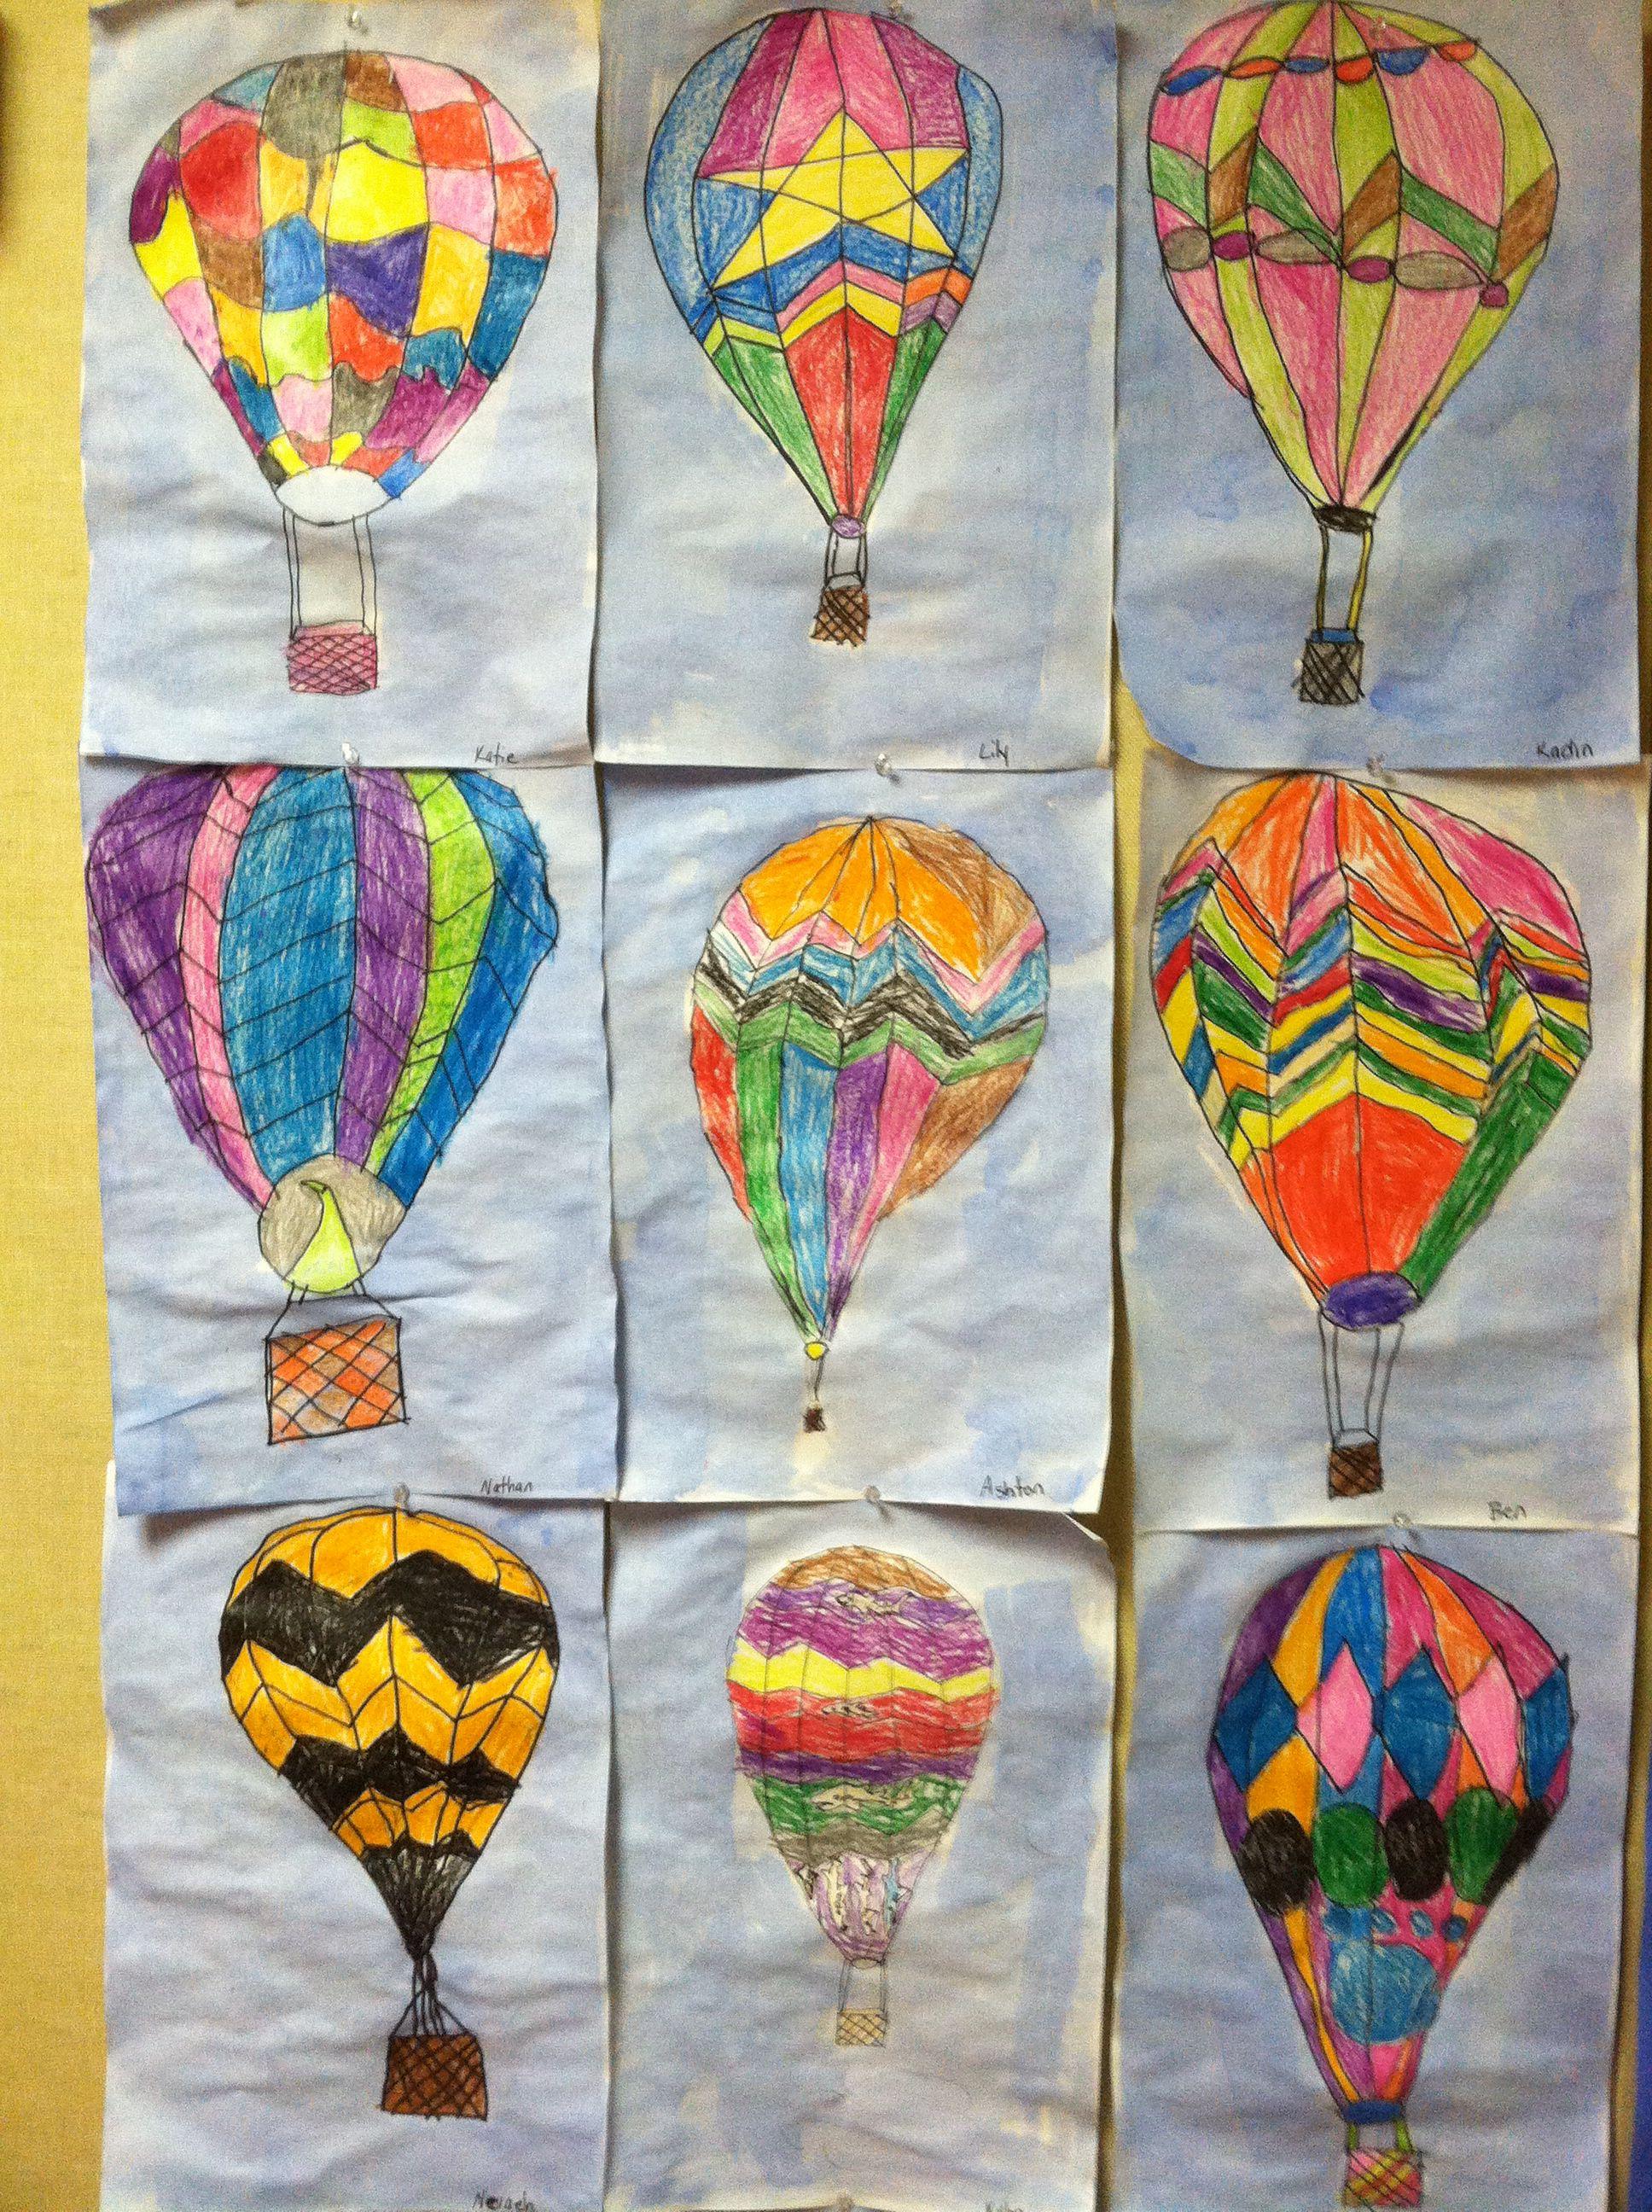 Hot air balloon art project second grade art class for Balloon art project